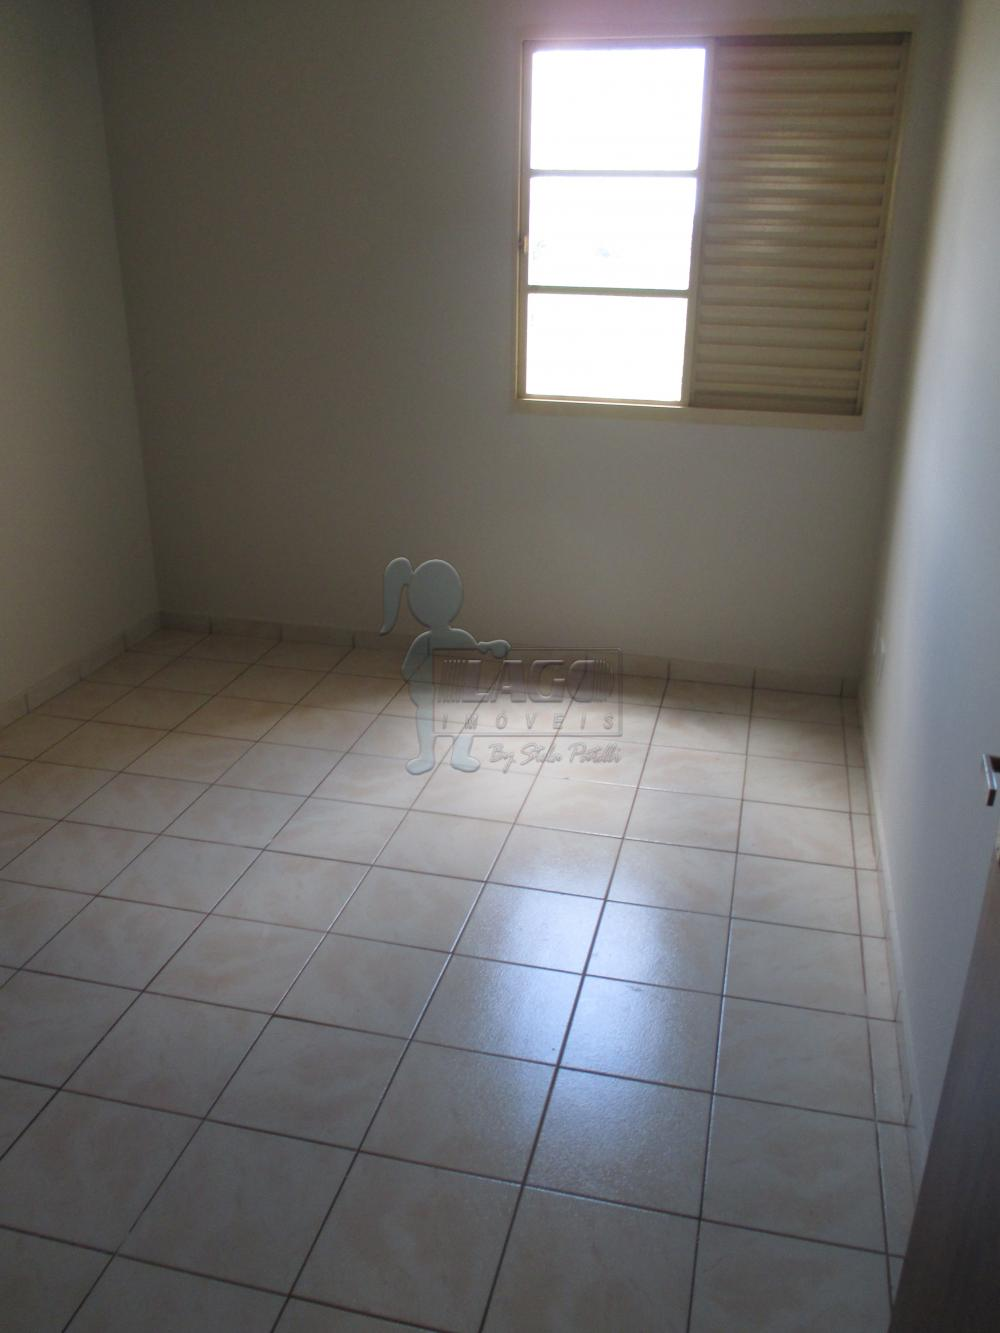 Alugar Apartamento / Padrão em Ribeirão Preto apenas R$ 800,00 - Foto 10